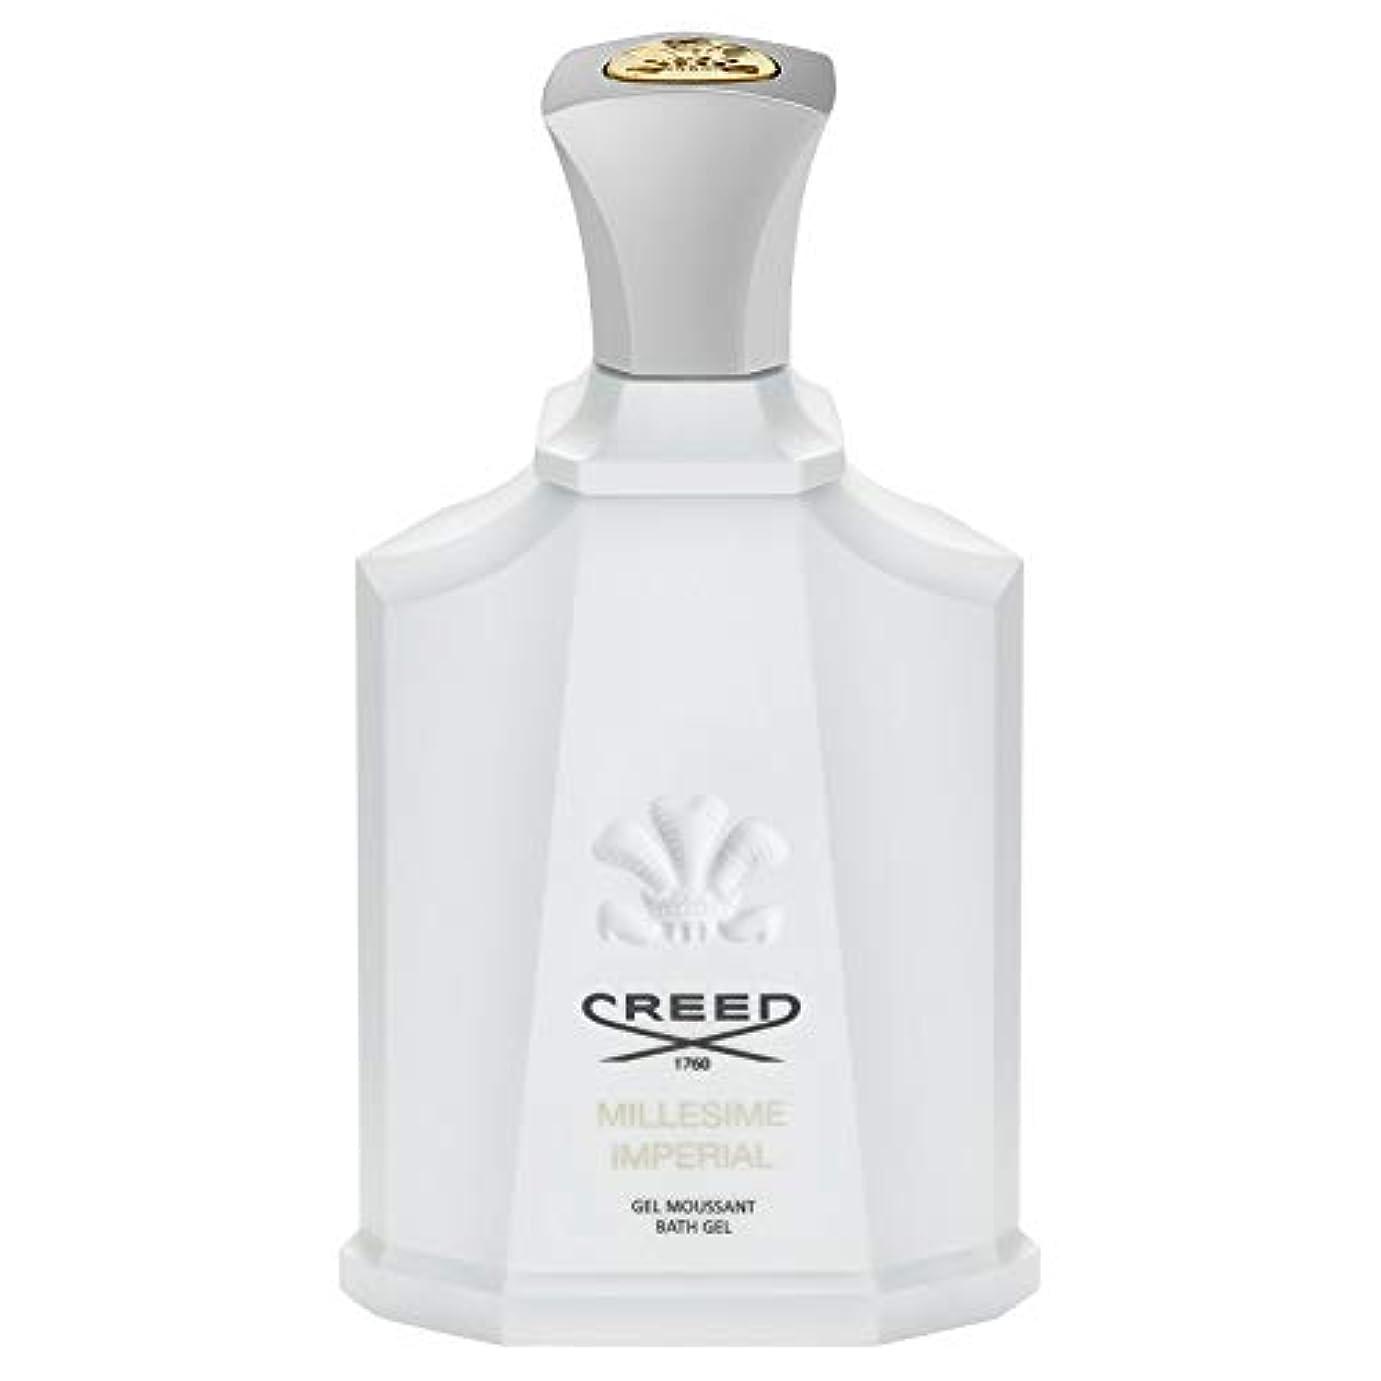 弱まるコインランドリー伸ばす[Creed ] 信条ミレジム帝国シャワージェル200Ml - CREED Millesime Imperial Shower Gel 200ml [並行輸入品]